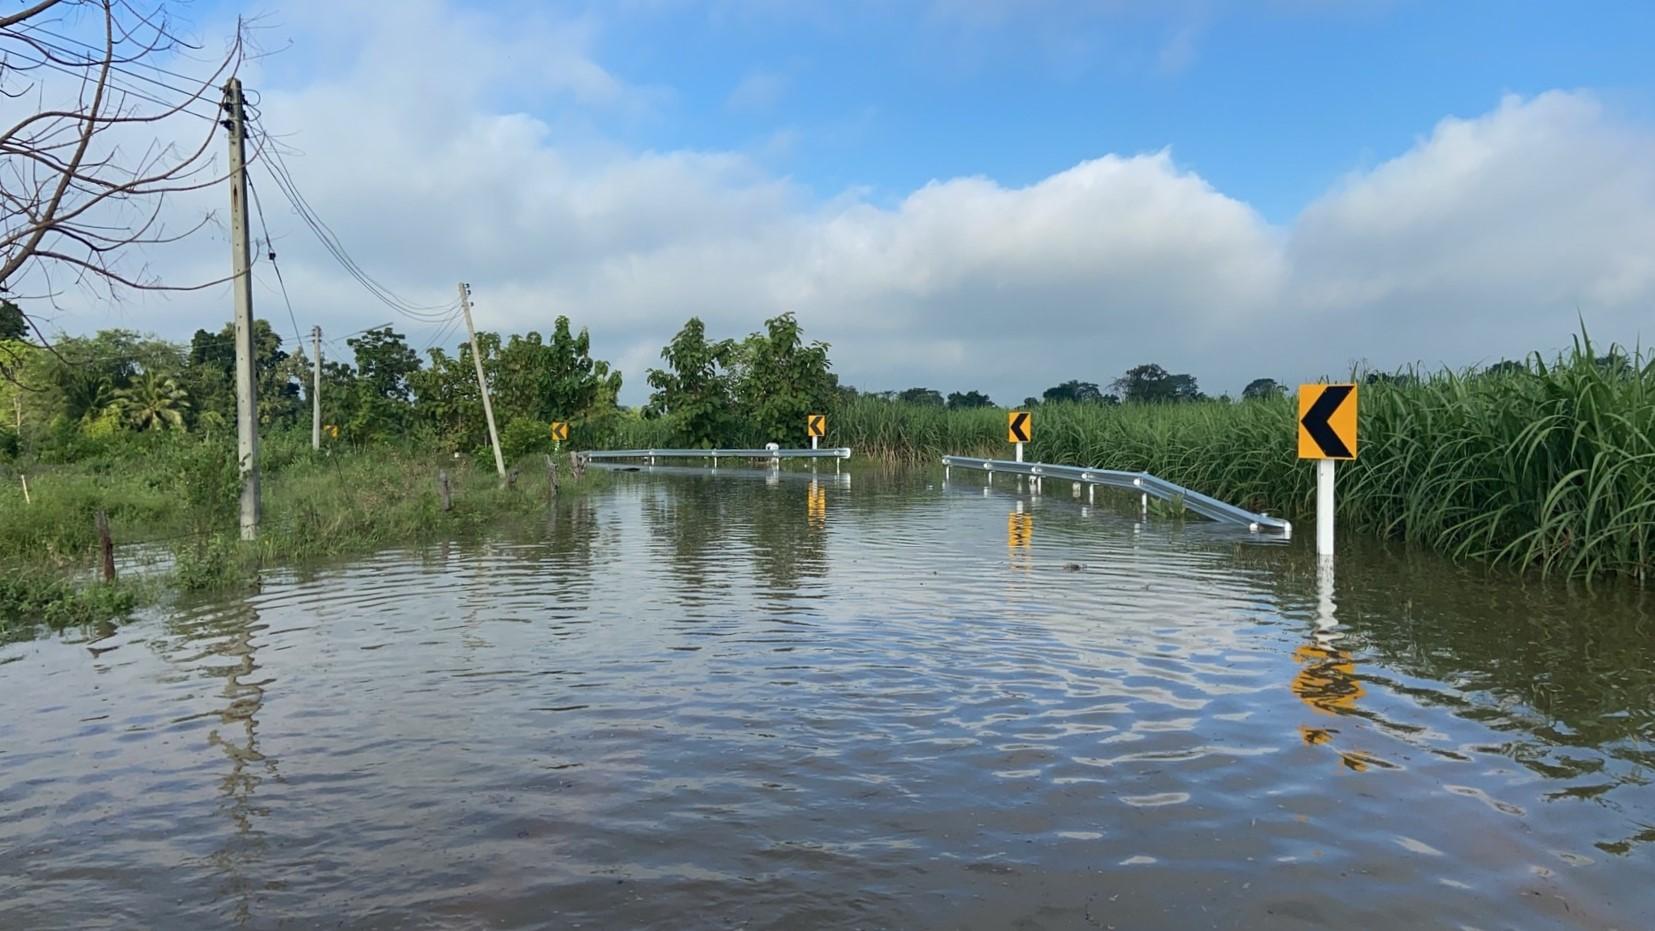 กรมทางหลวงชนบท น้ำท่วม เส้นทางน้ำท่วม